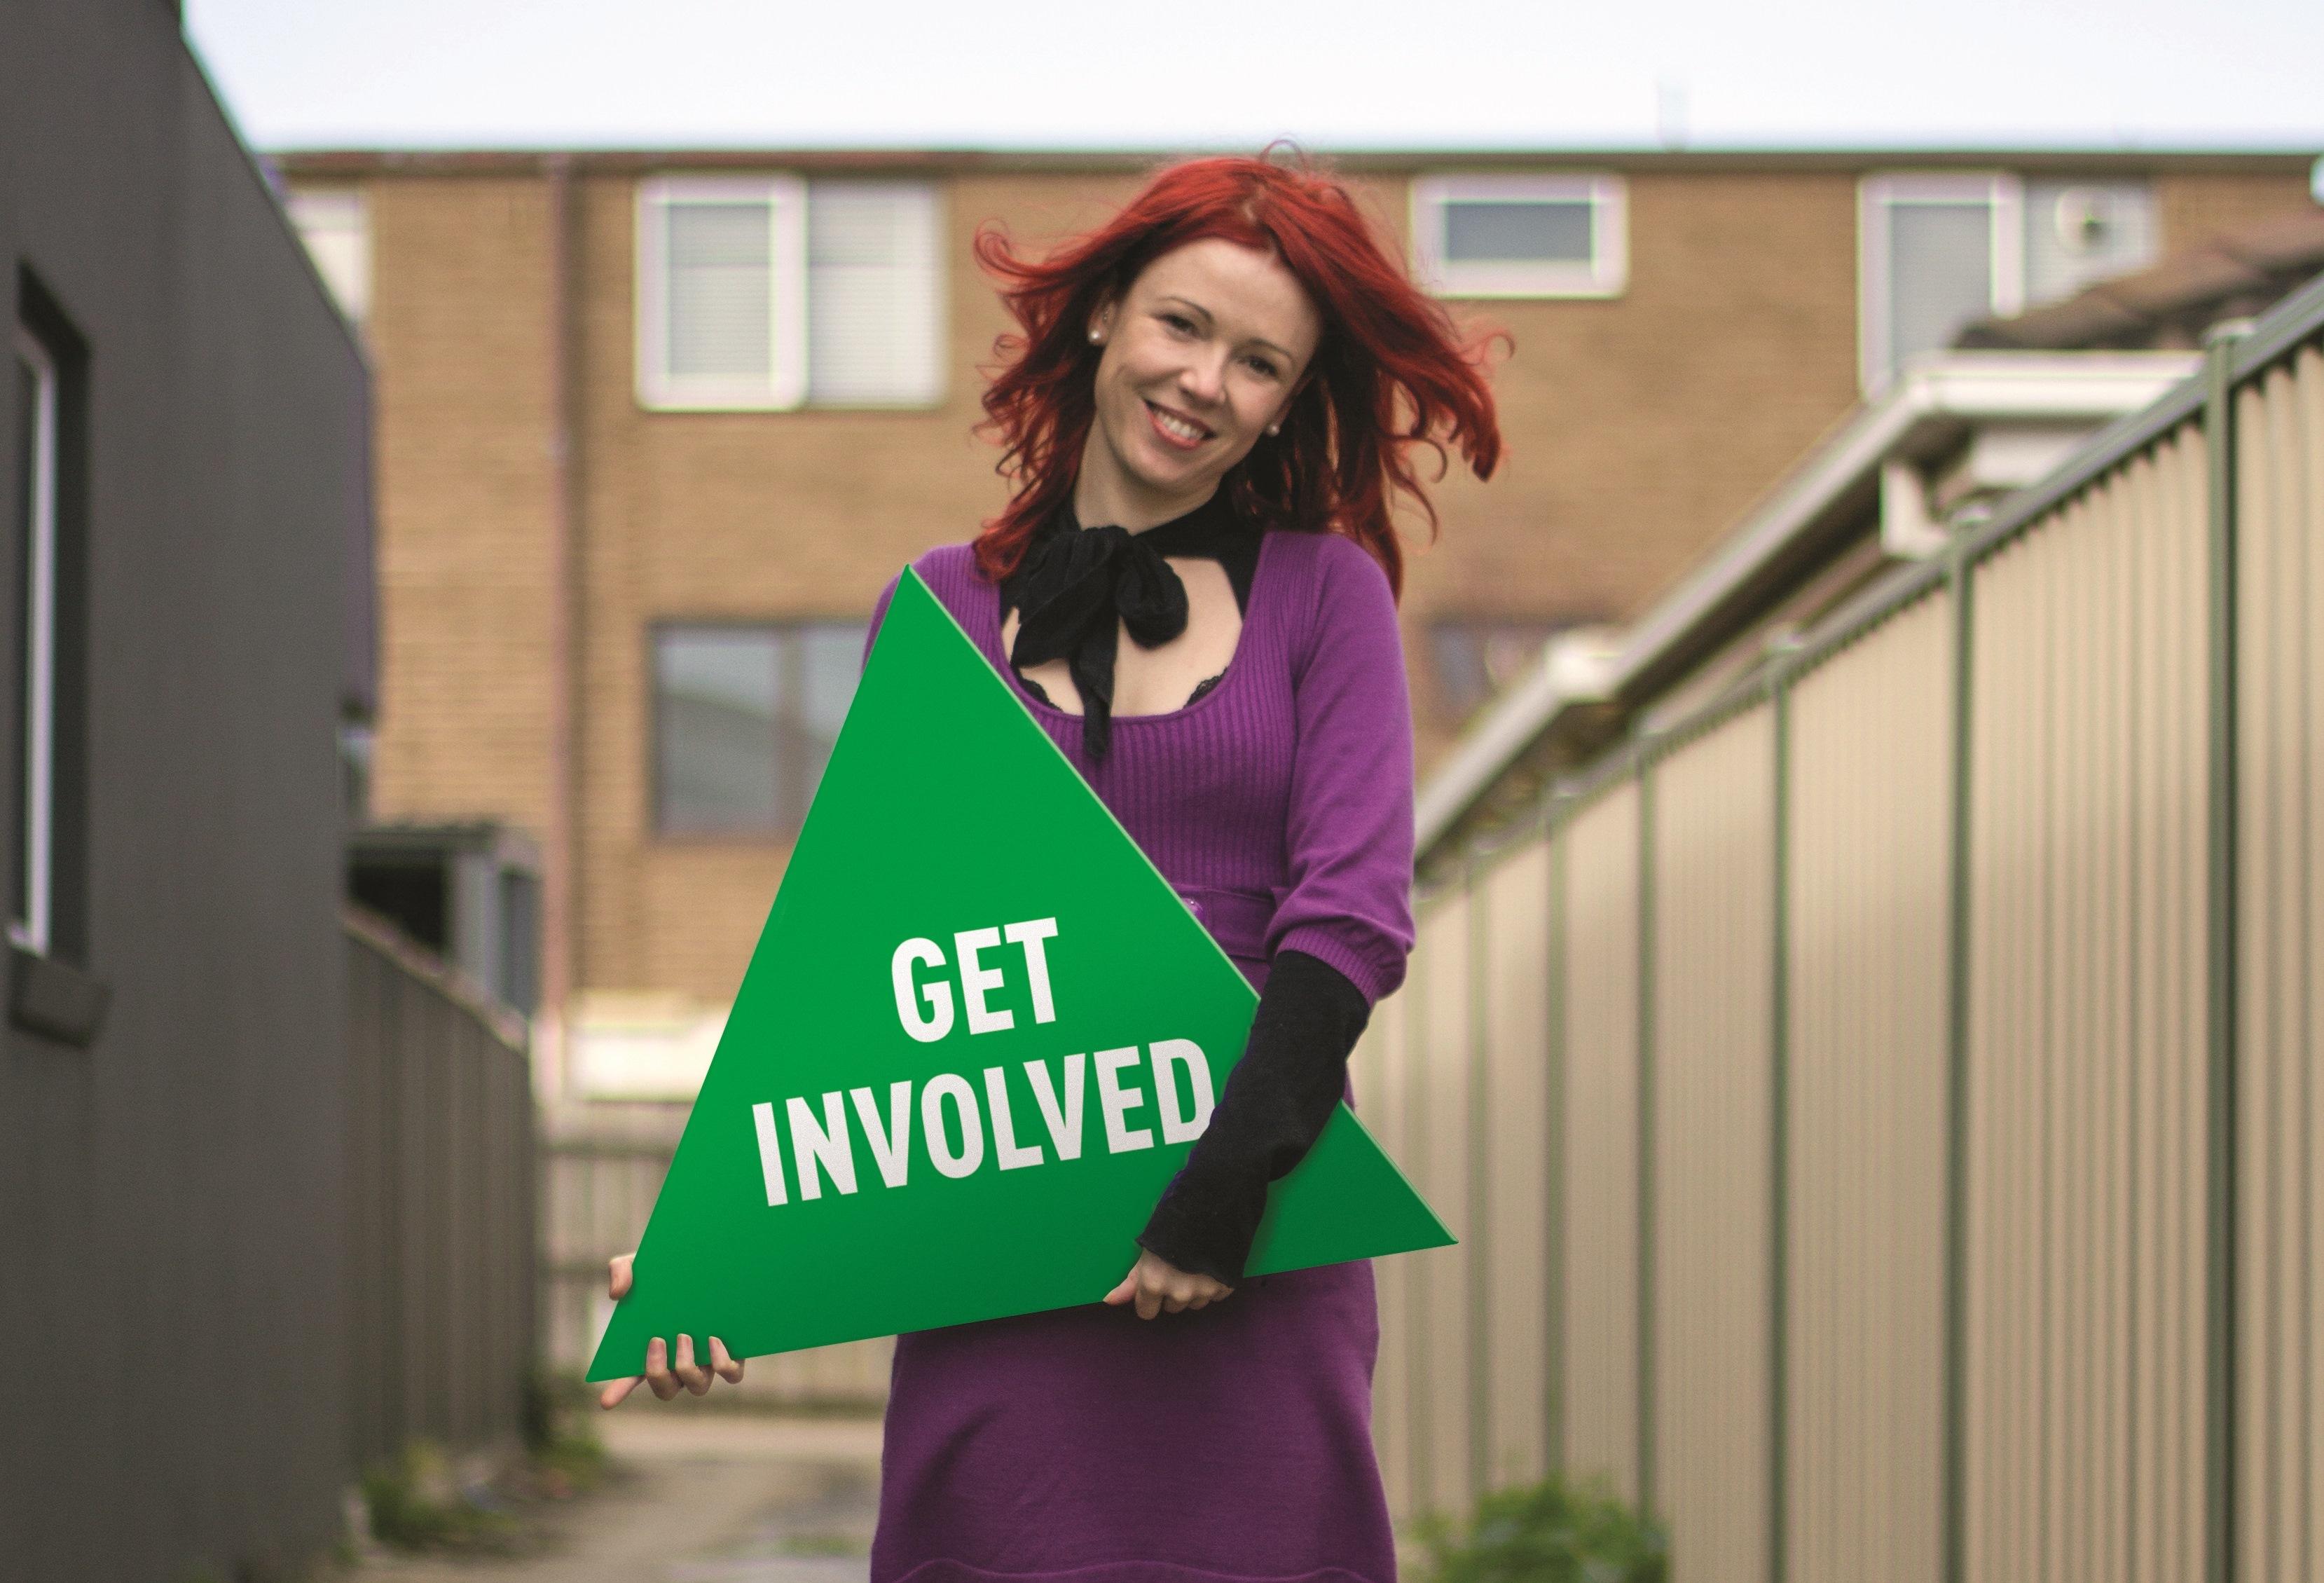 Get_involved2.jpg